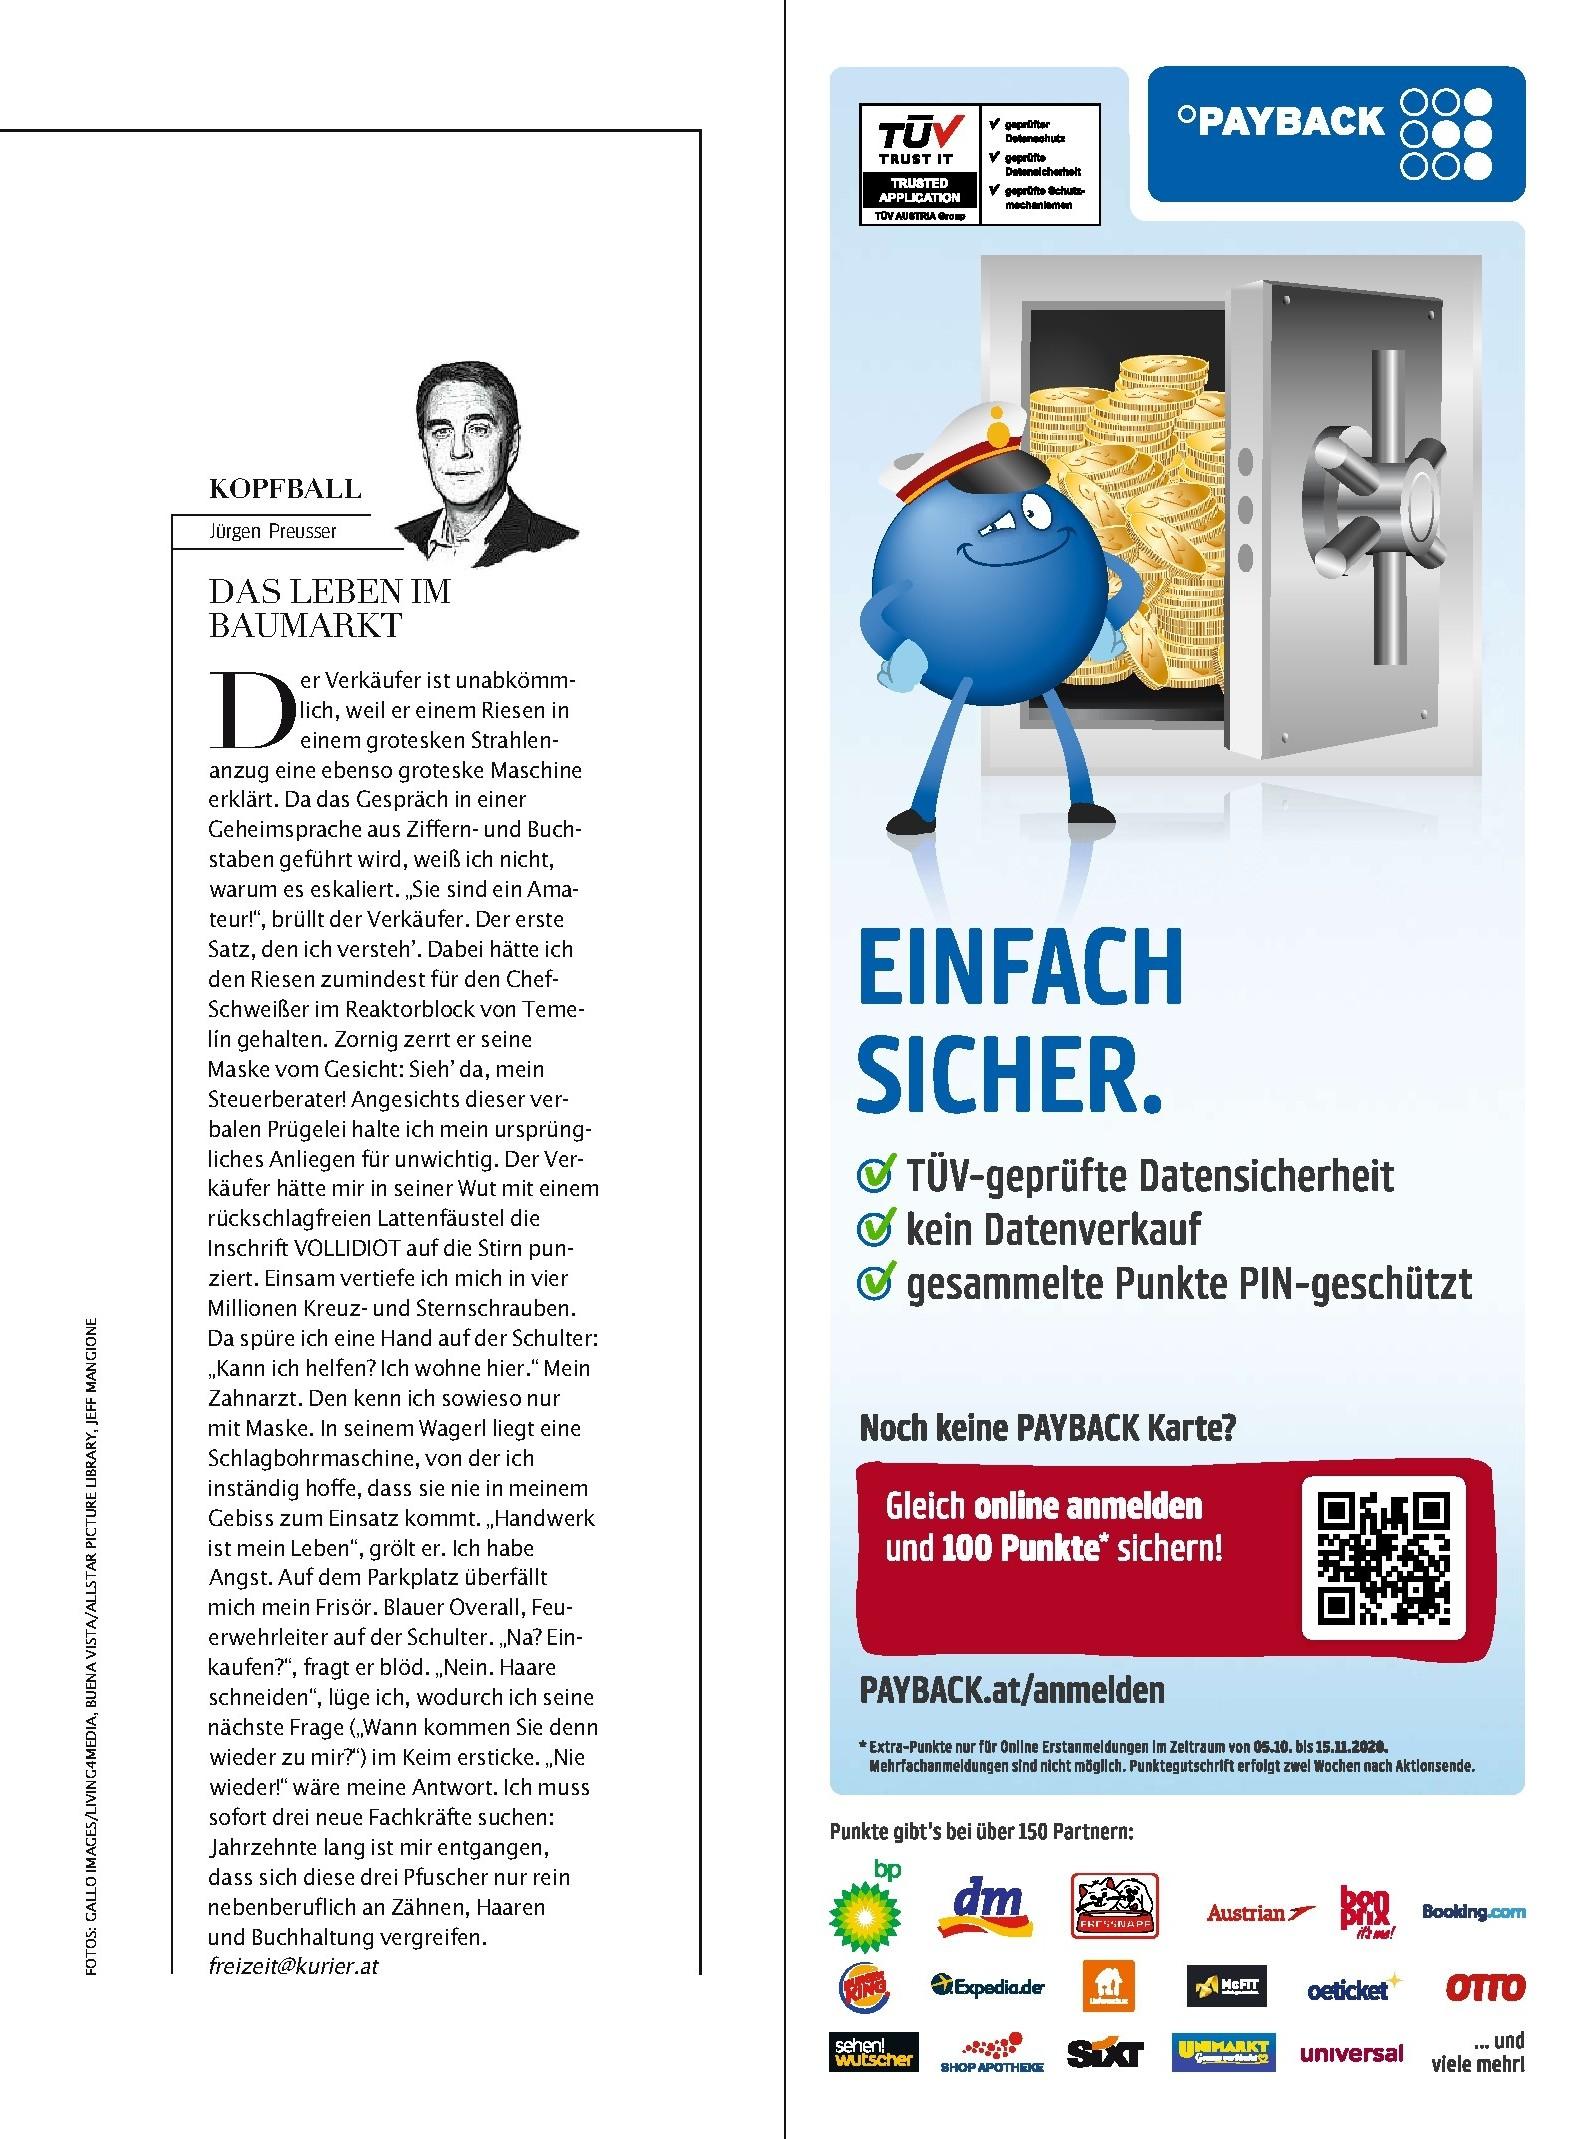 public/epaper/imported/20201024/kurier/freizeit/freizeit_20201024_049.jpg